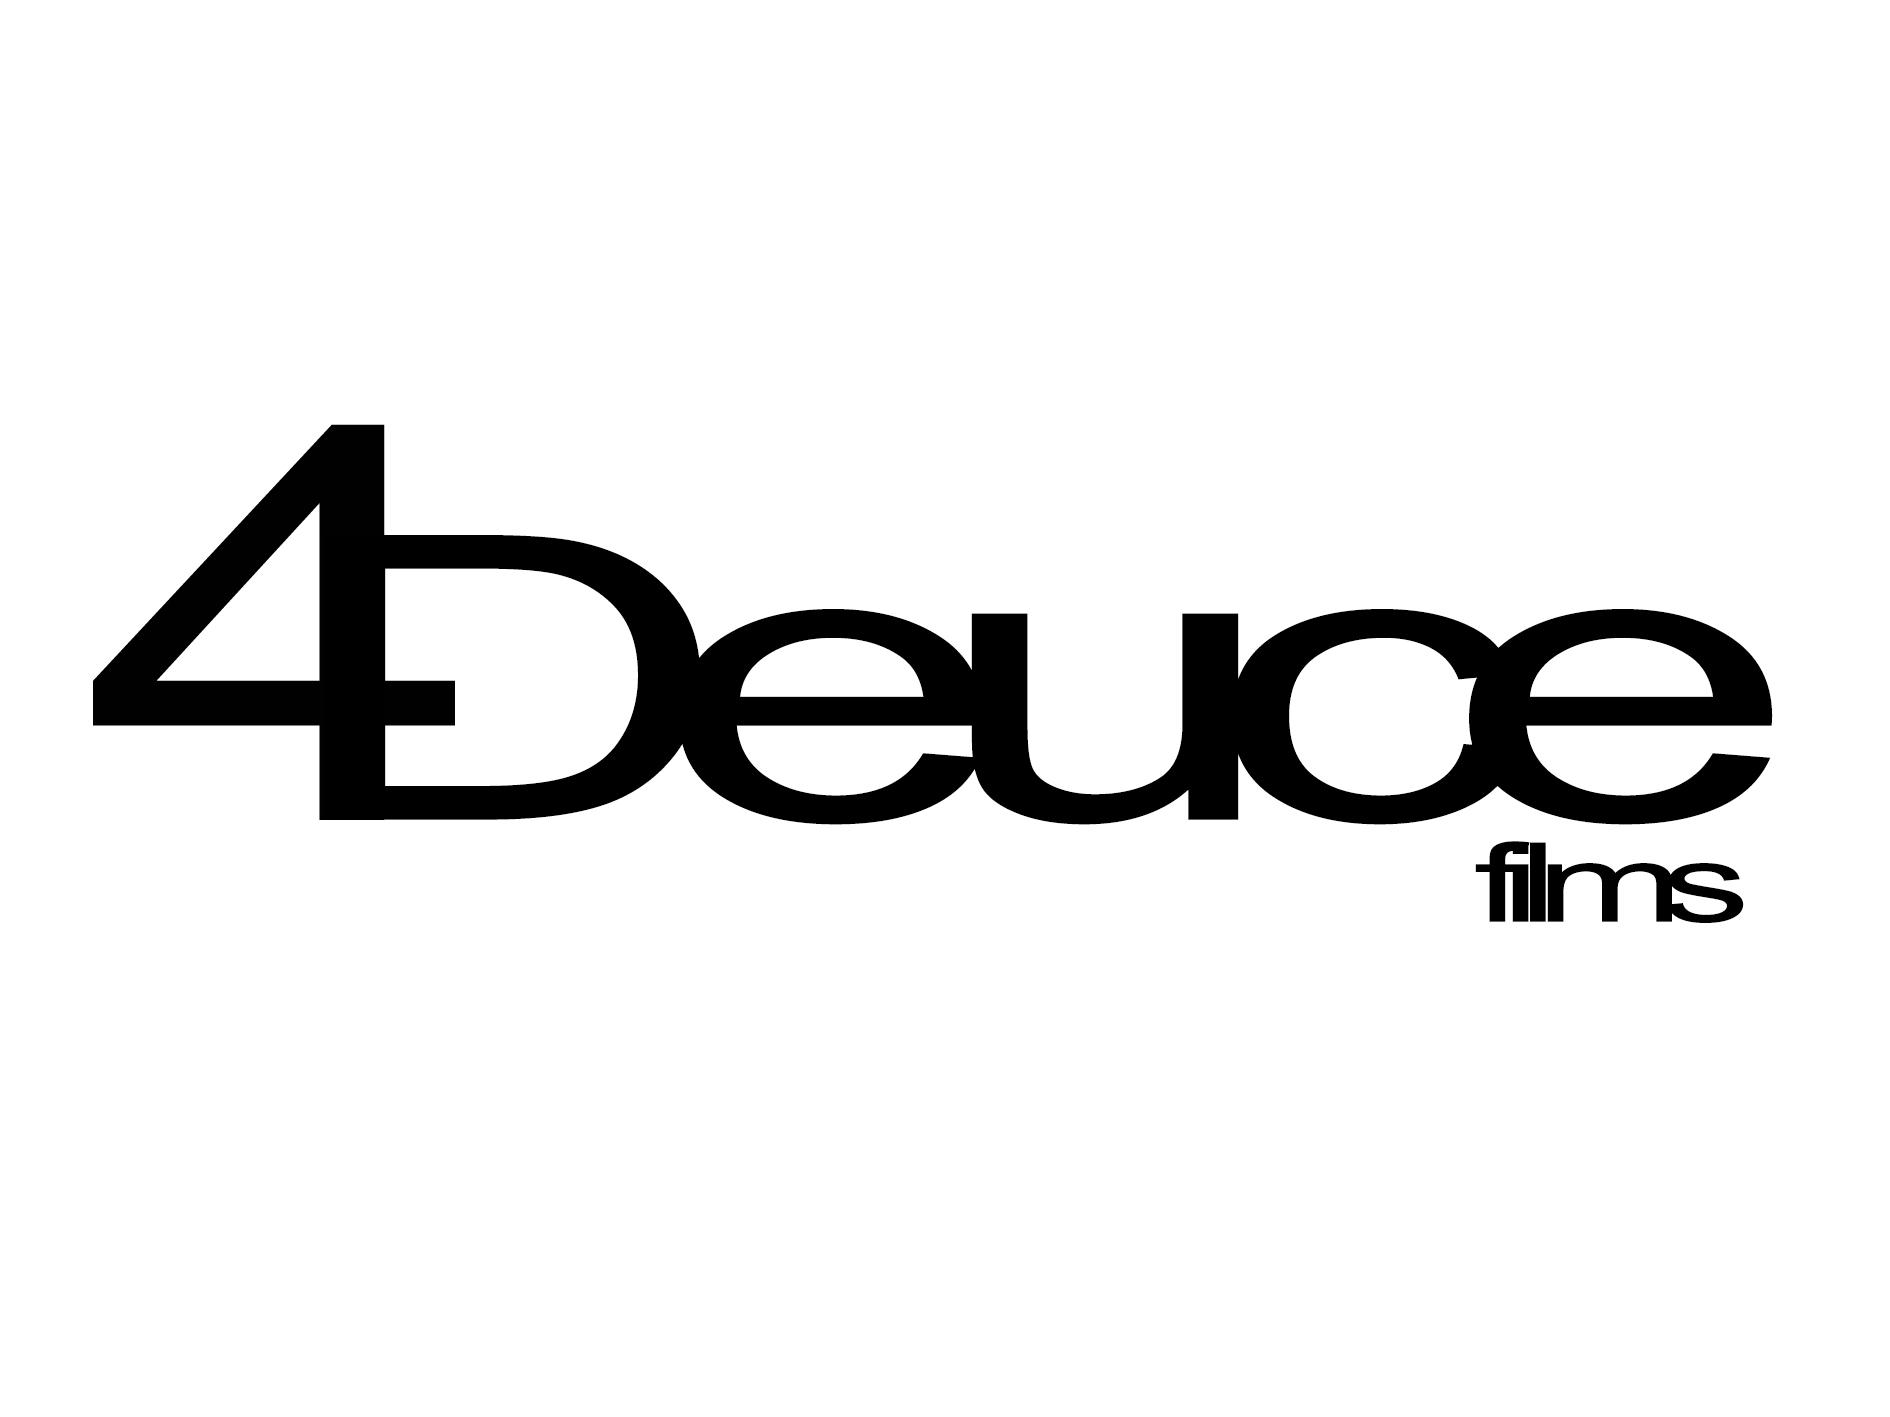 4Deuce Films.jpg